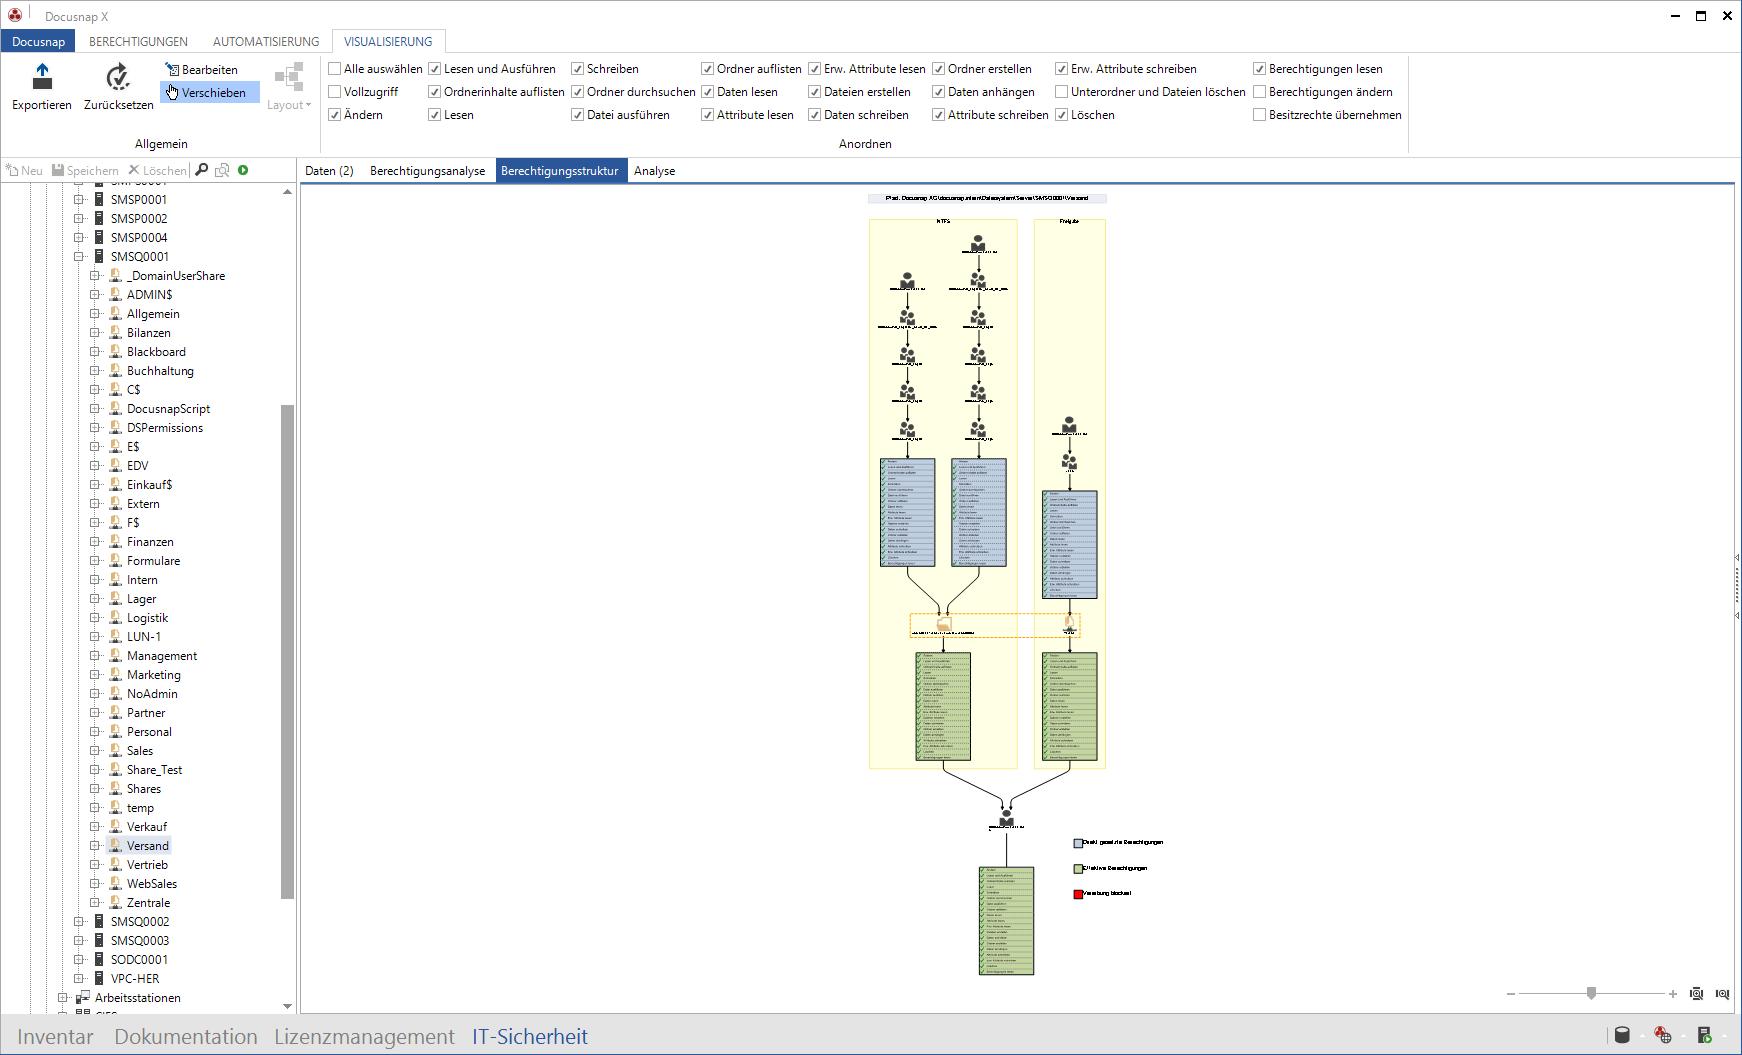 Screenshot: Visualisierung der Berechtigungsanalyse